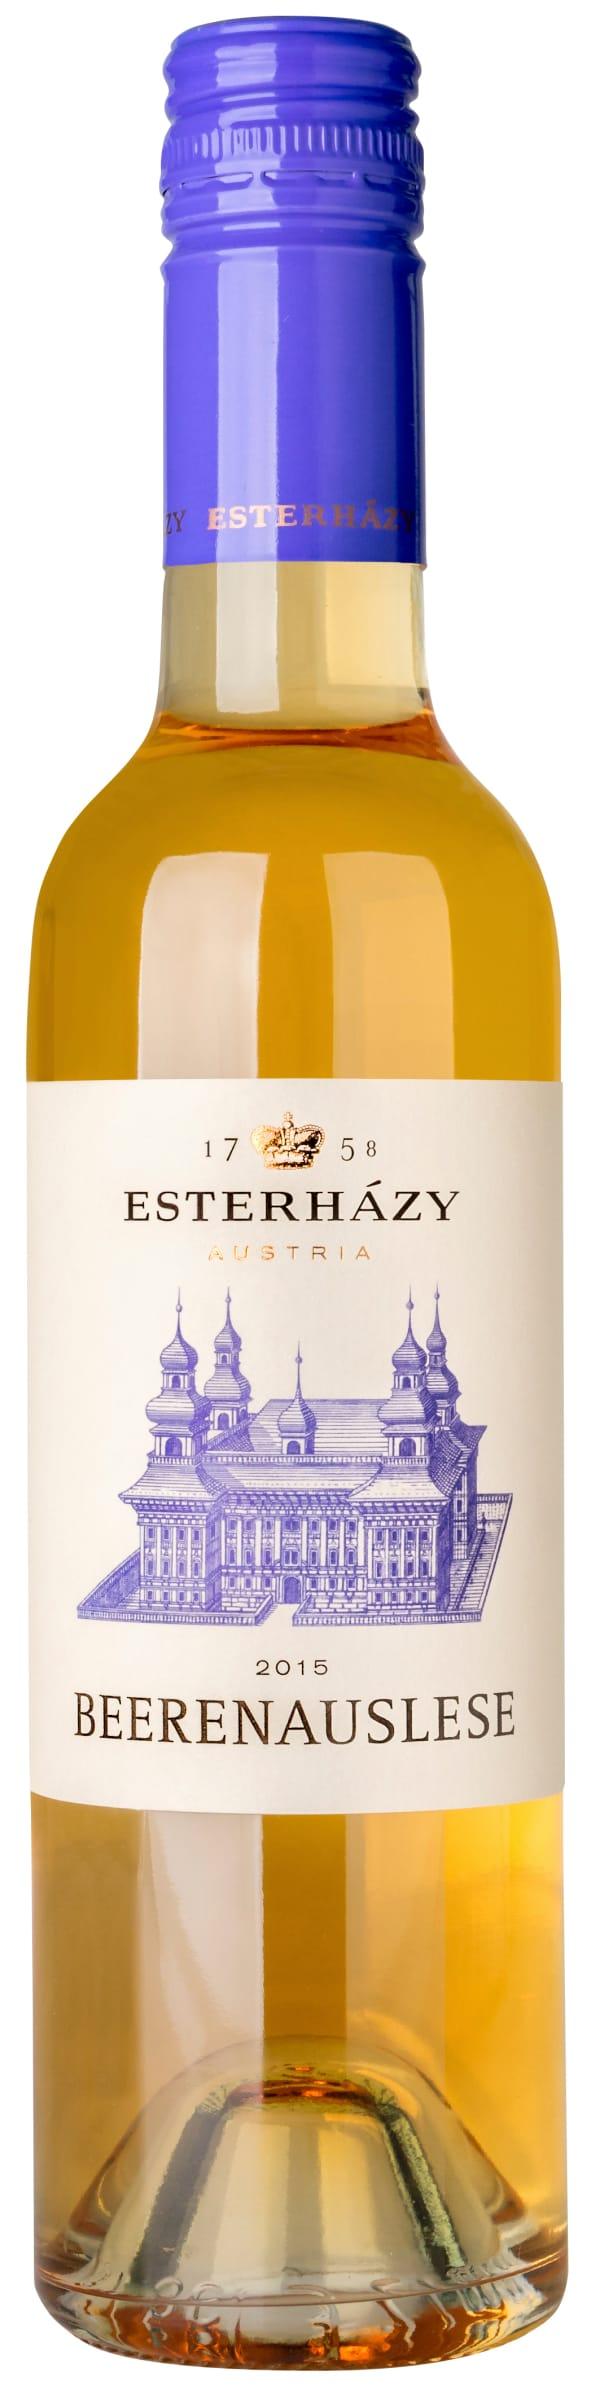 Esterházy Beerenauslese 2015